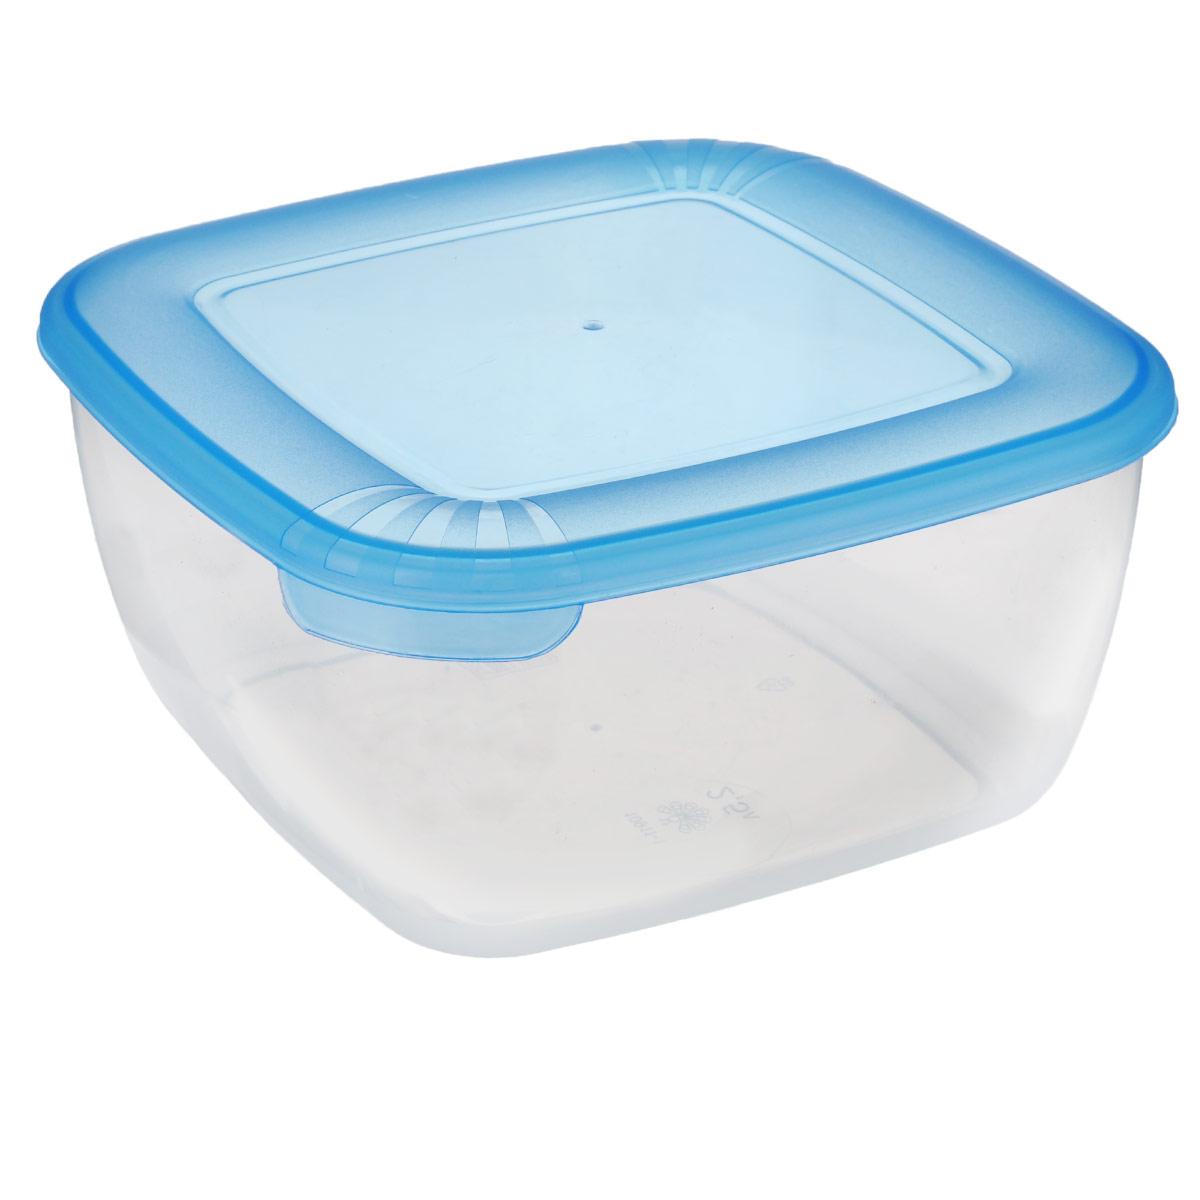 Контейнер Полимербыт Лайт, цвет: синий, прозрачный, 2,5 лС544 синийКонтейнер Полимербыт Лайт квадратной формы, изготовленный из прочного пластика, предназначен специально для хранения пищевых продуктов. Крышка легко открывается и плотно закрывается.Контейнер устойчив к воздействию масел и жиров, легко моется. Прозрачные стенки позволяют видеть содержимое. Контейнер имеет возможность хранения продуктов глубокой заморозки, обладает высокой прочностью. Подходит для использования в микроволновых печах. Можно мыть в посудомоечной машине.